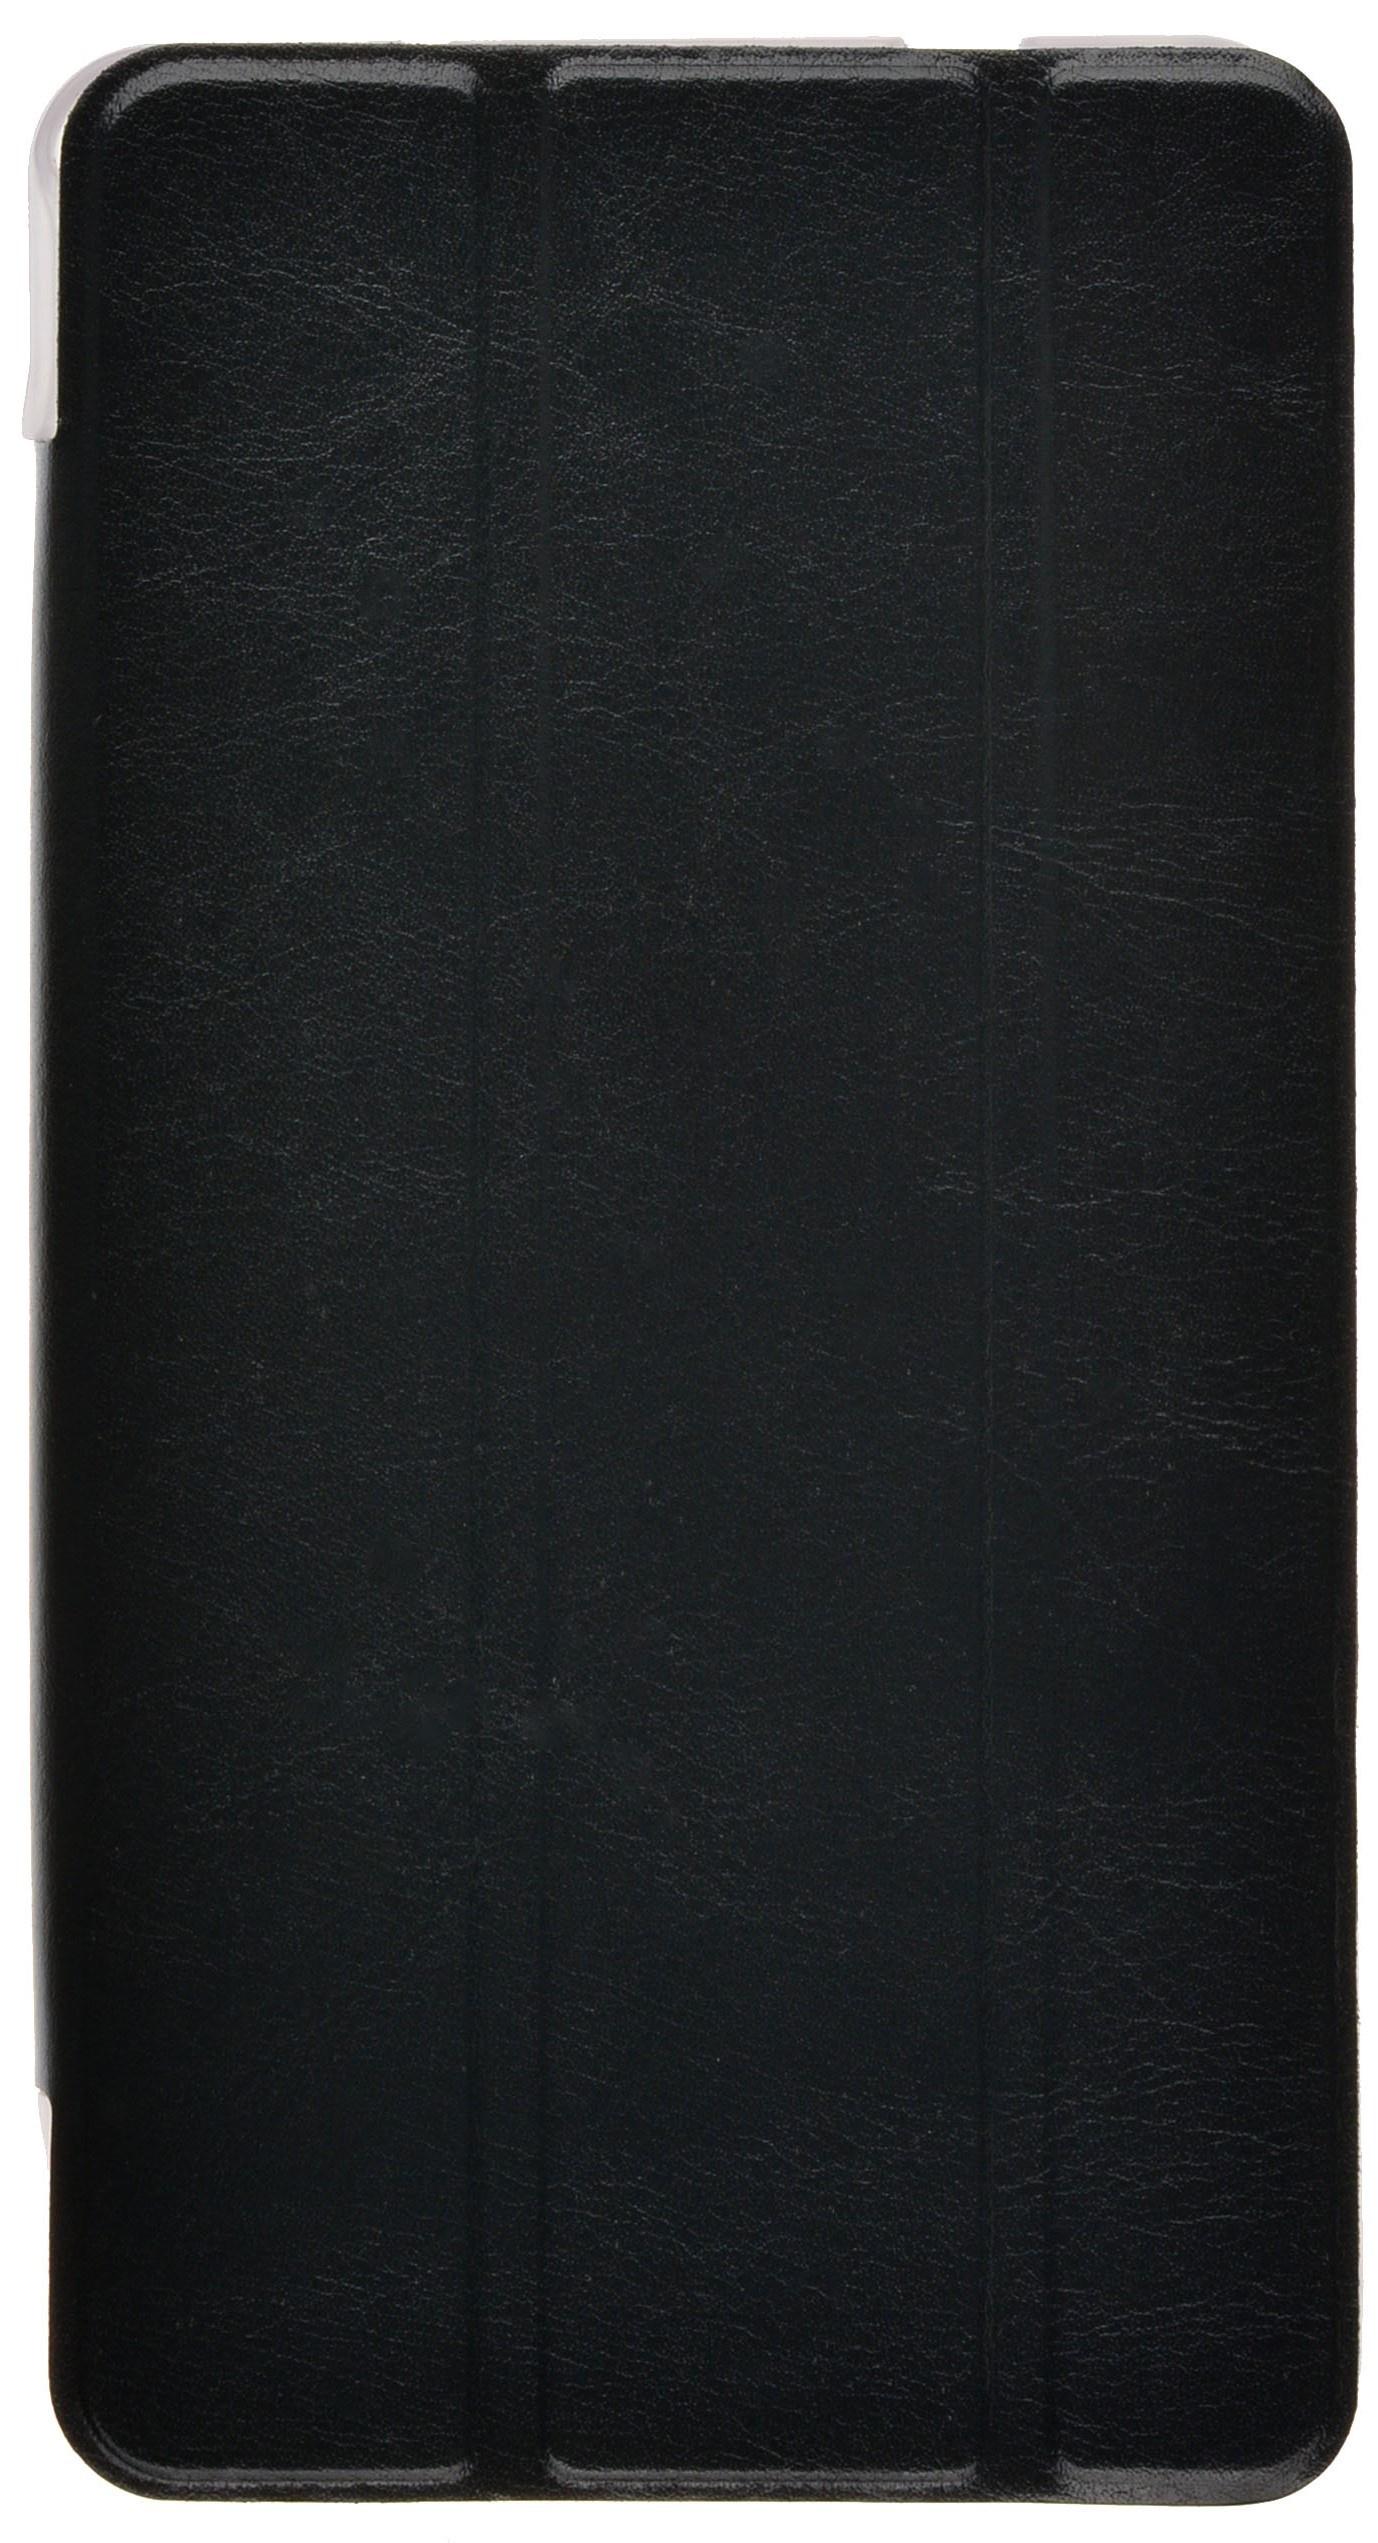 Чехол для планшета ProShield Smart, 4630042525719, черный